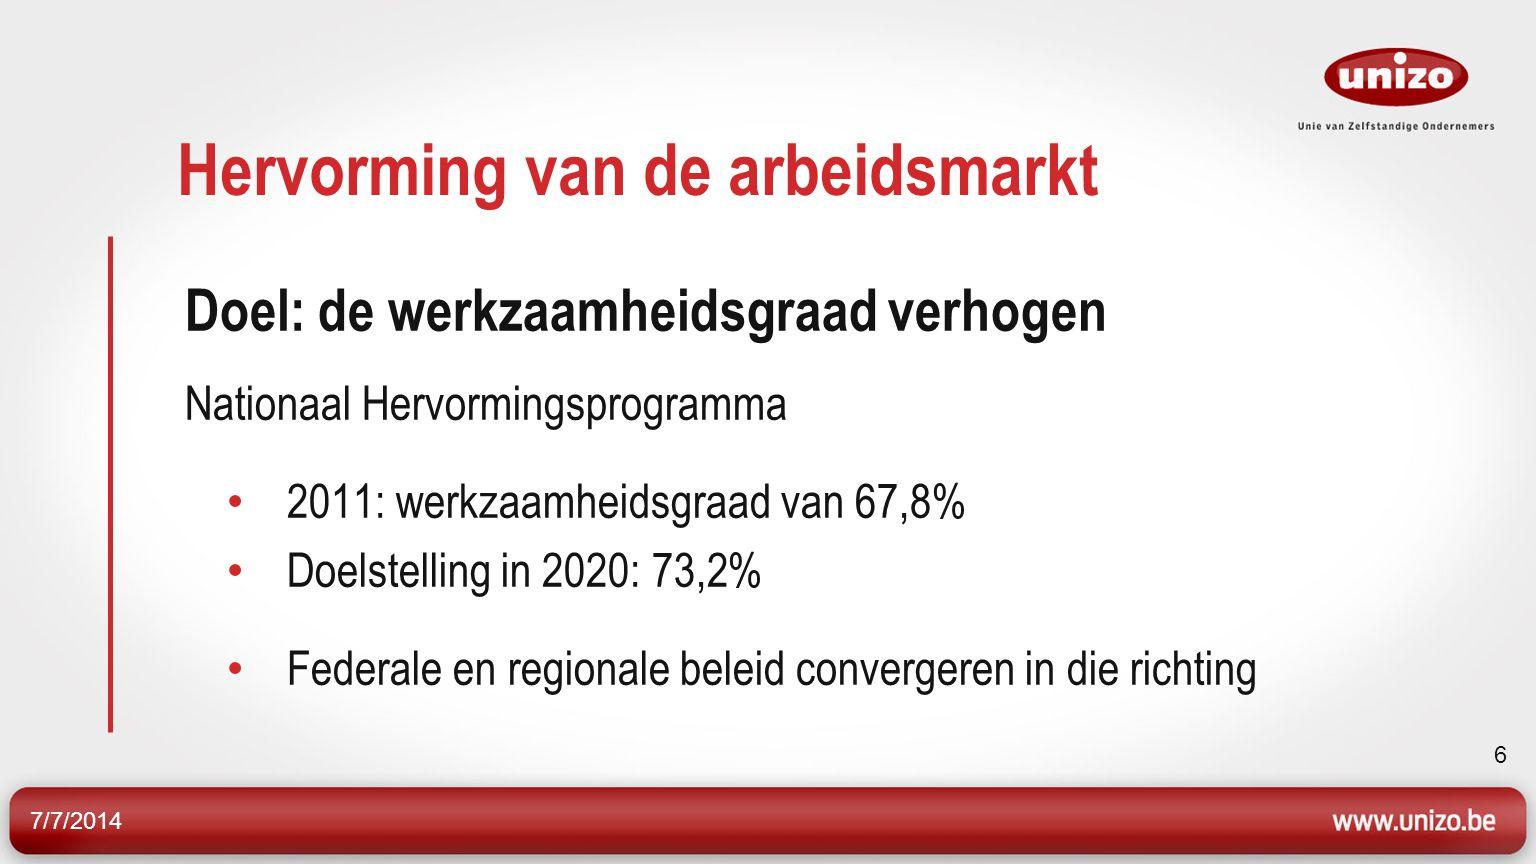 7/7/2014 6 Hervorming van de arbeidsmarkt Doel: de werkzaamheidsgraad verhogen Nationaal Hervormingsprogramma 2011: werkzaamheidsgraad van 67,8% Doelstelling in 2020: 73,2% Federale en regionale beleid convergeren in die richting